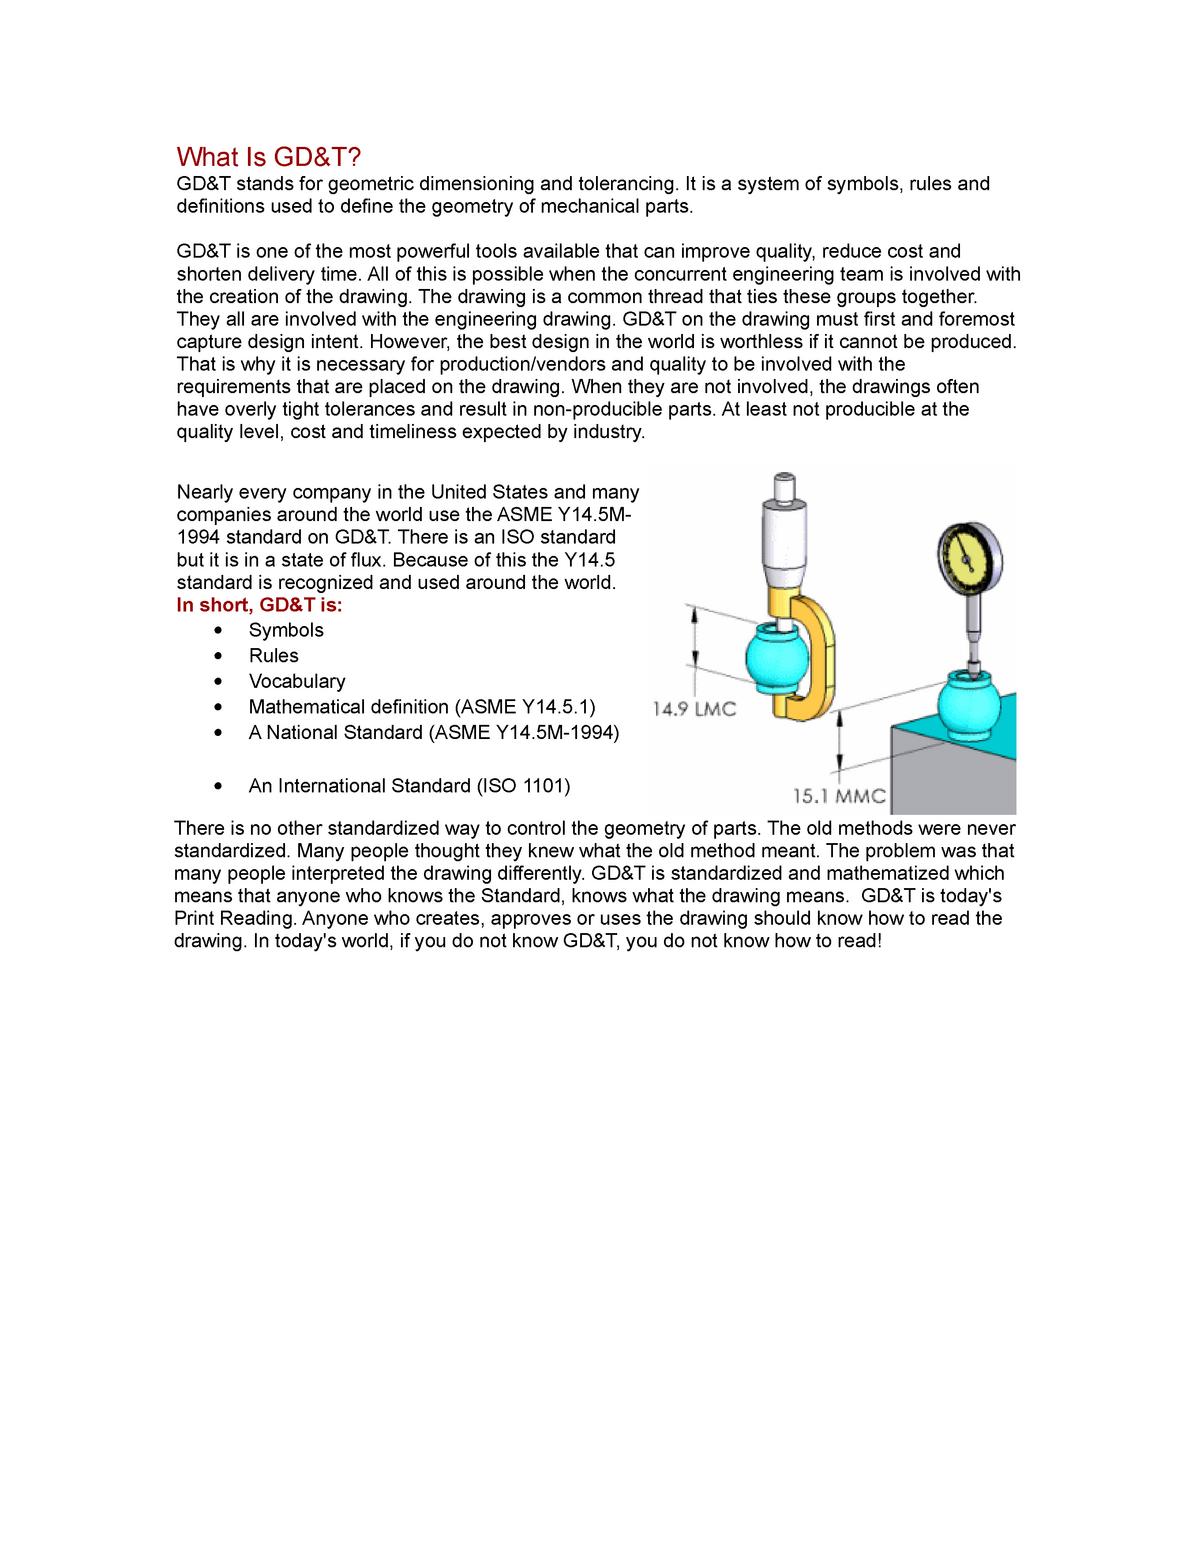 What is GD & T? - Mechanics 122 - StuDocu